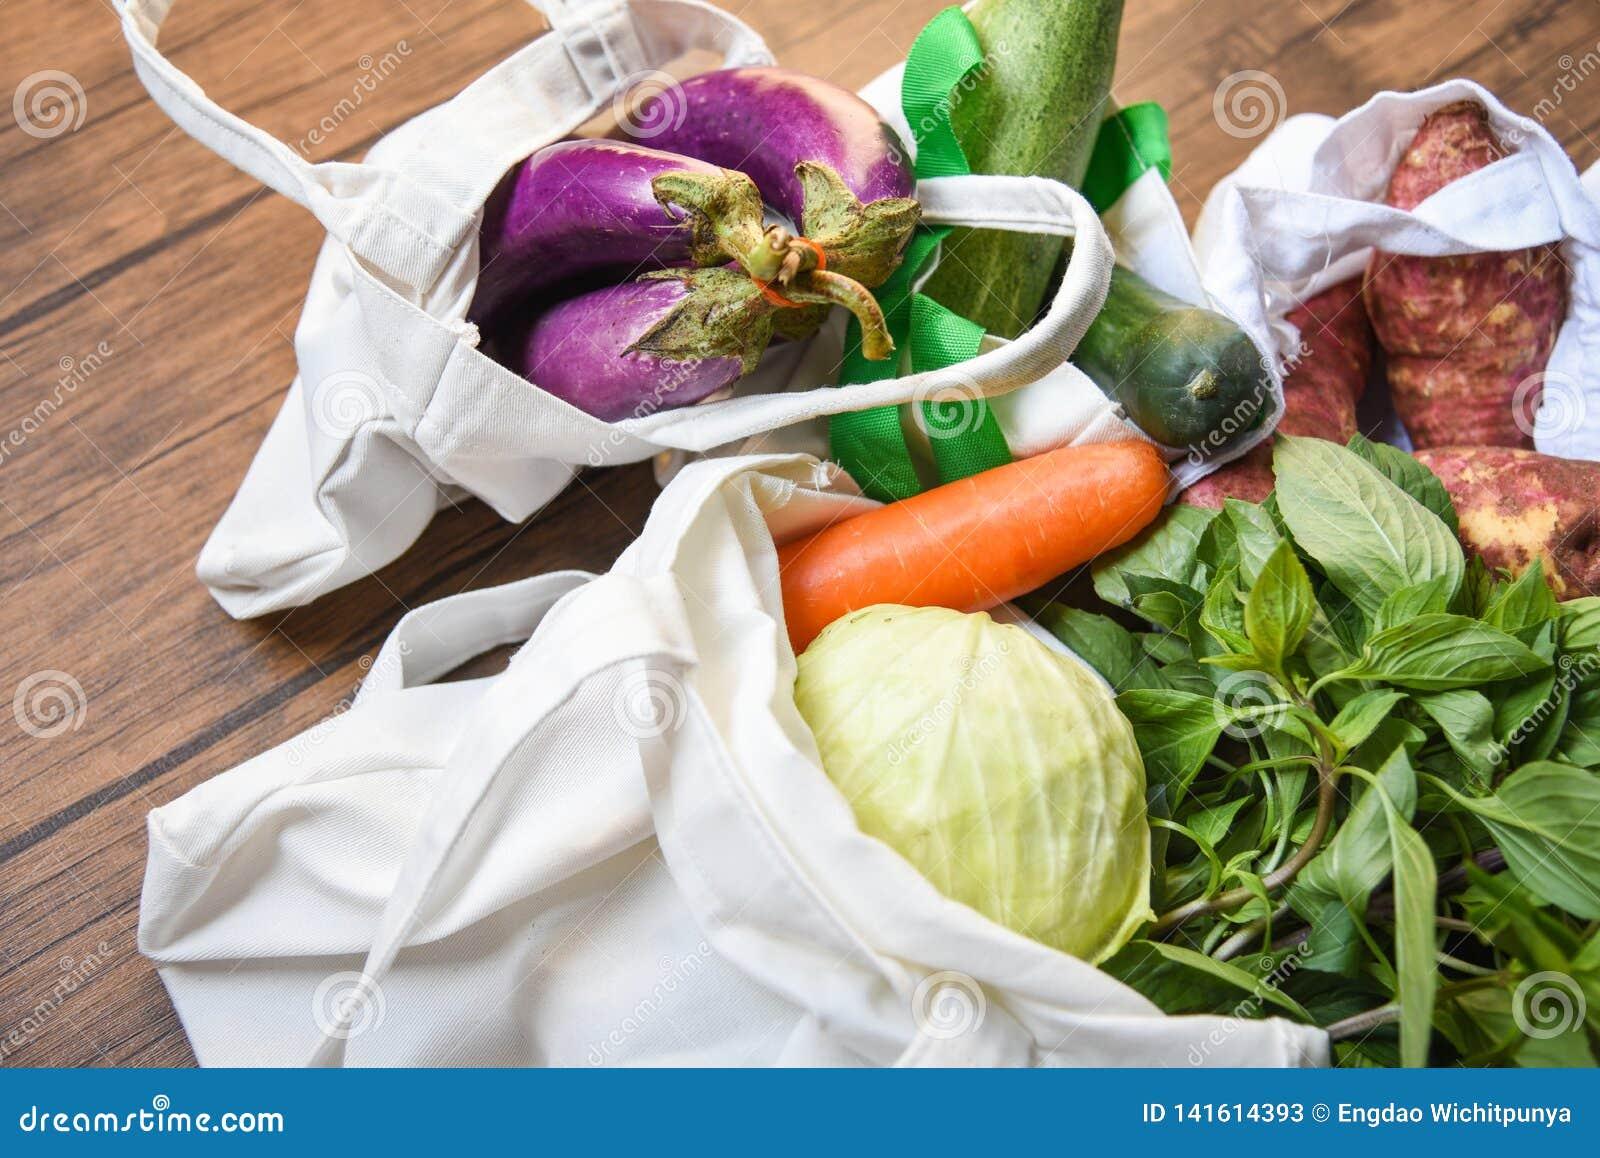 Lo spreco zero utilizza il concetto meno di plastica/ortaggi freschi organici nelle borse del tessuto di cotone di eco sulla tavo